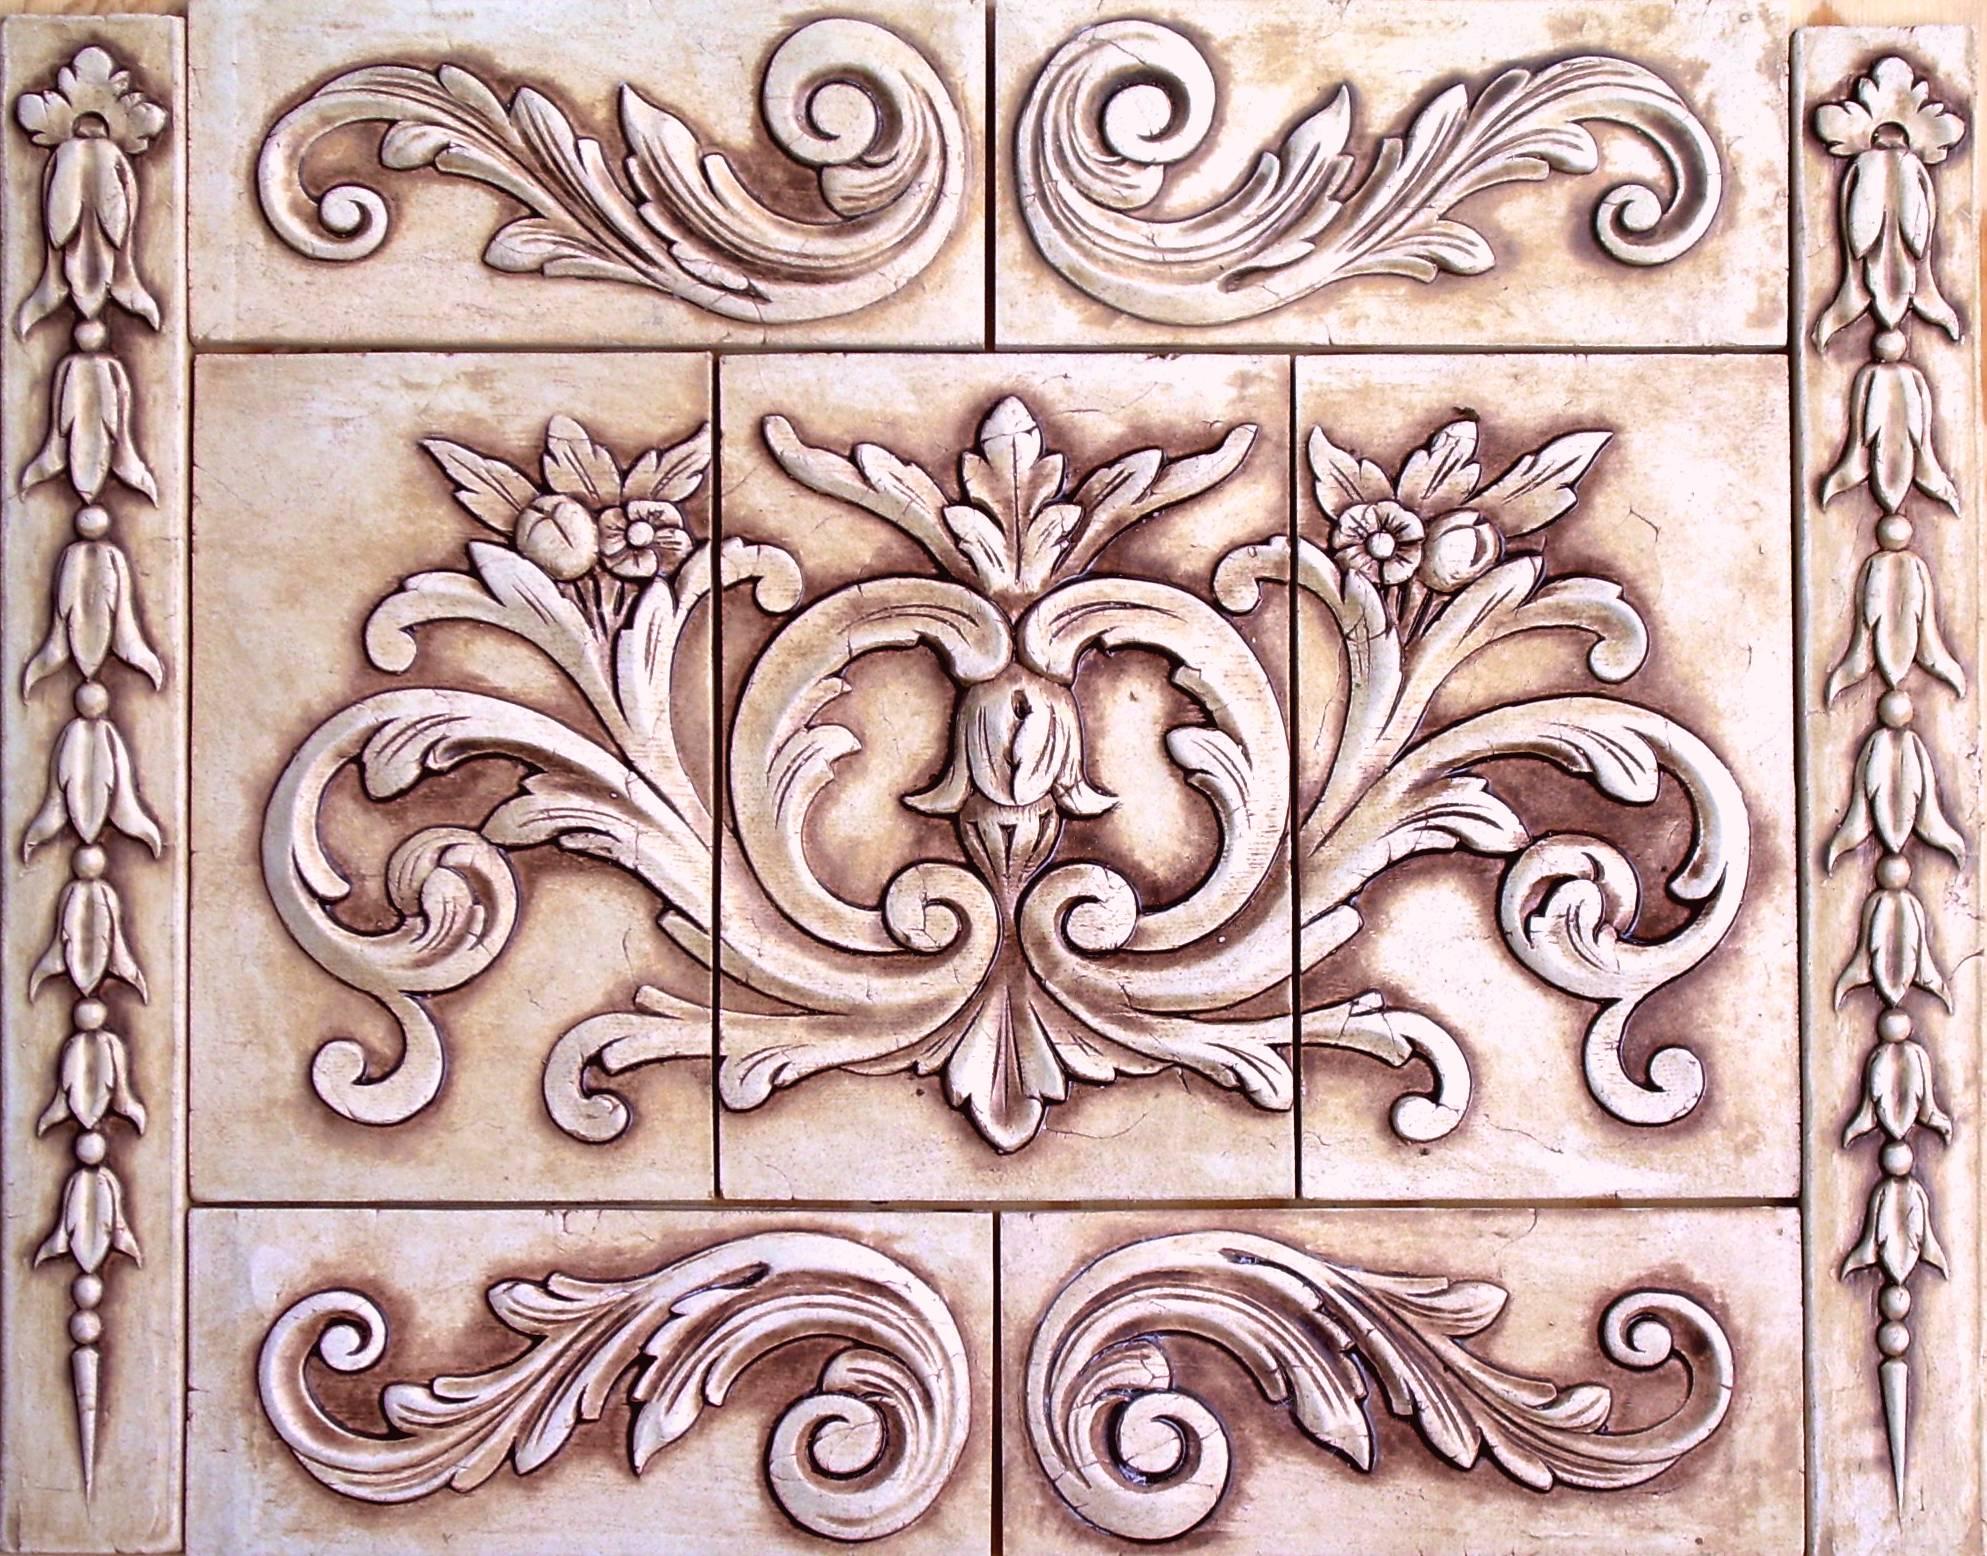 Kitchen Ceramic Backsplash Tiles Floral